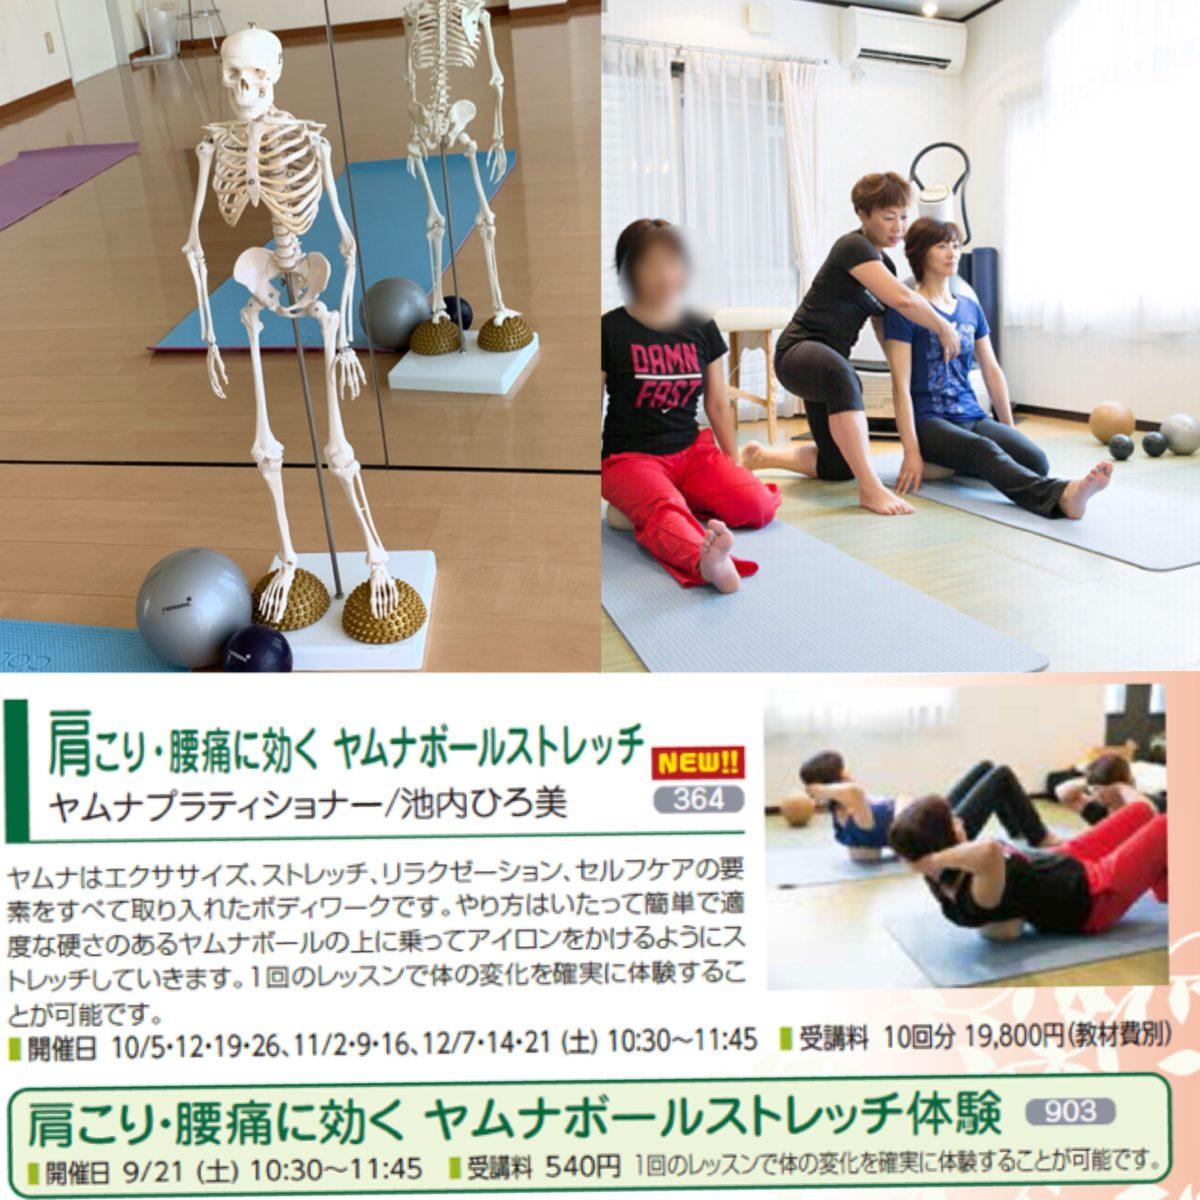 肩こり・腰痛に効く!ヤムナボール ストレッチ体験会のお知らせ